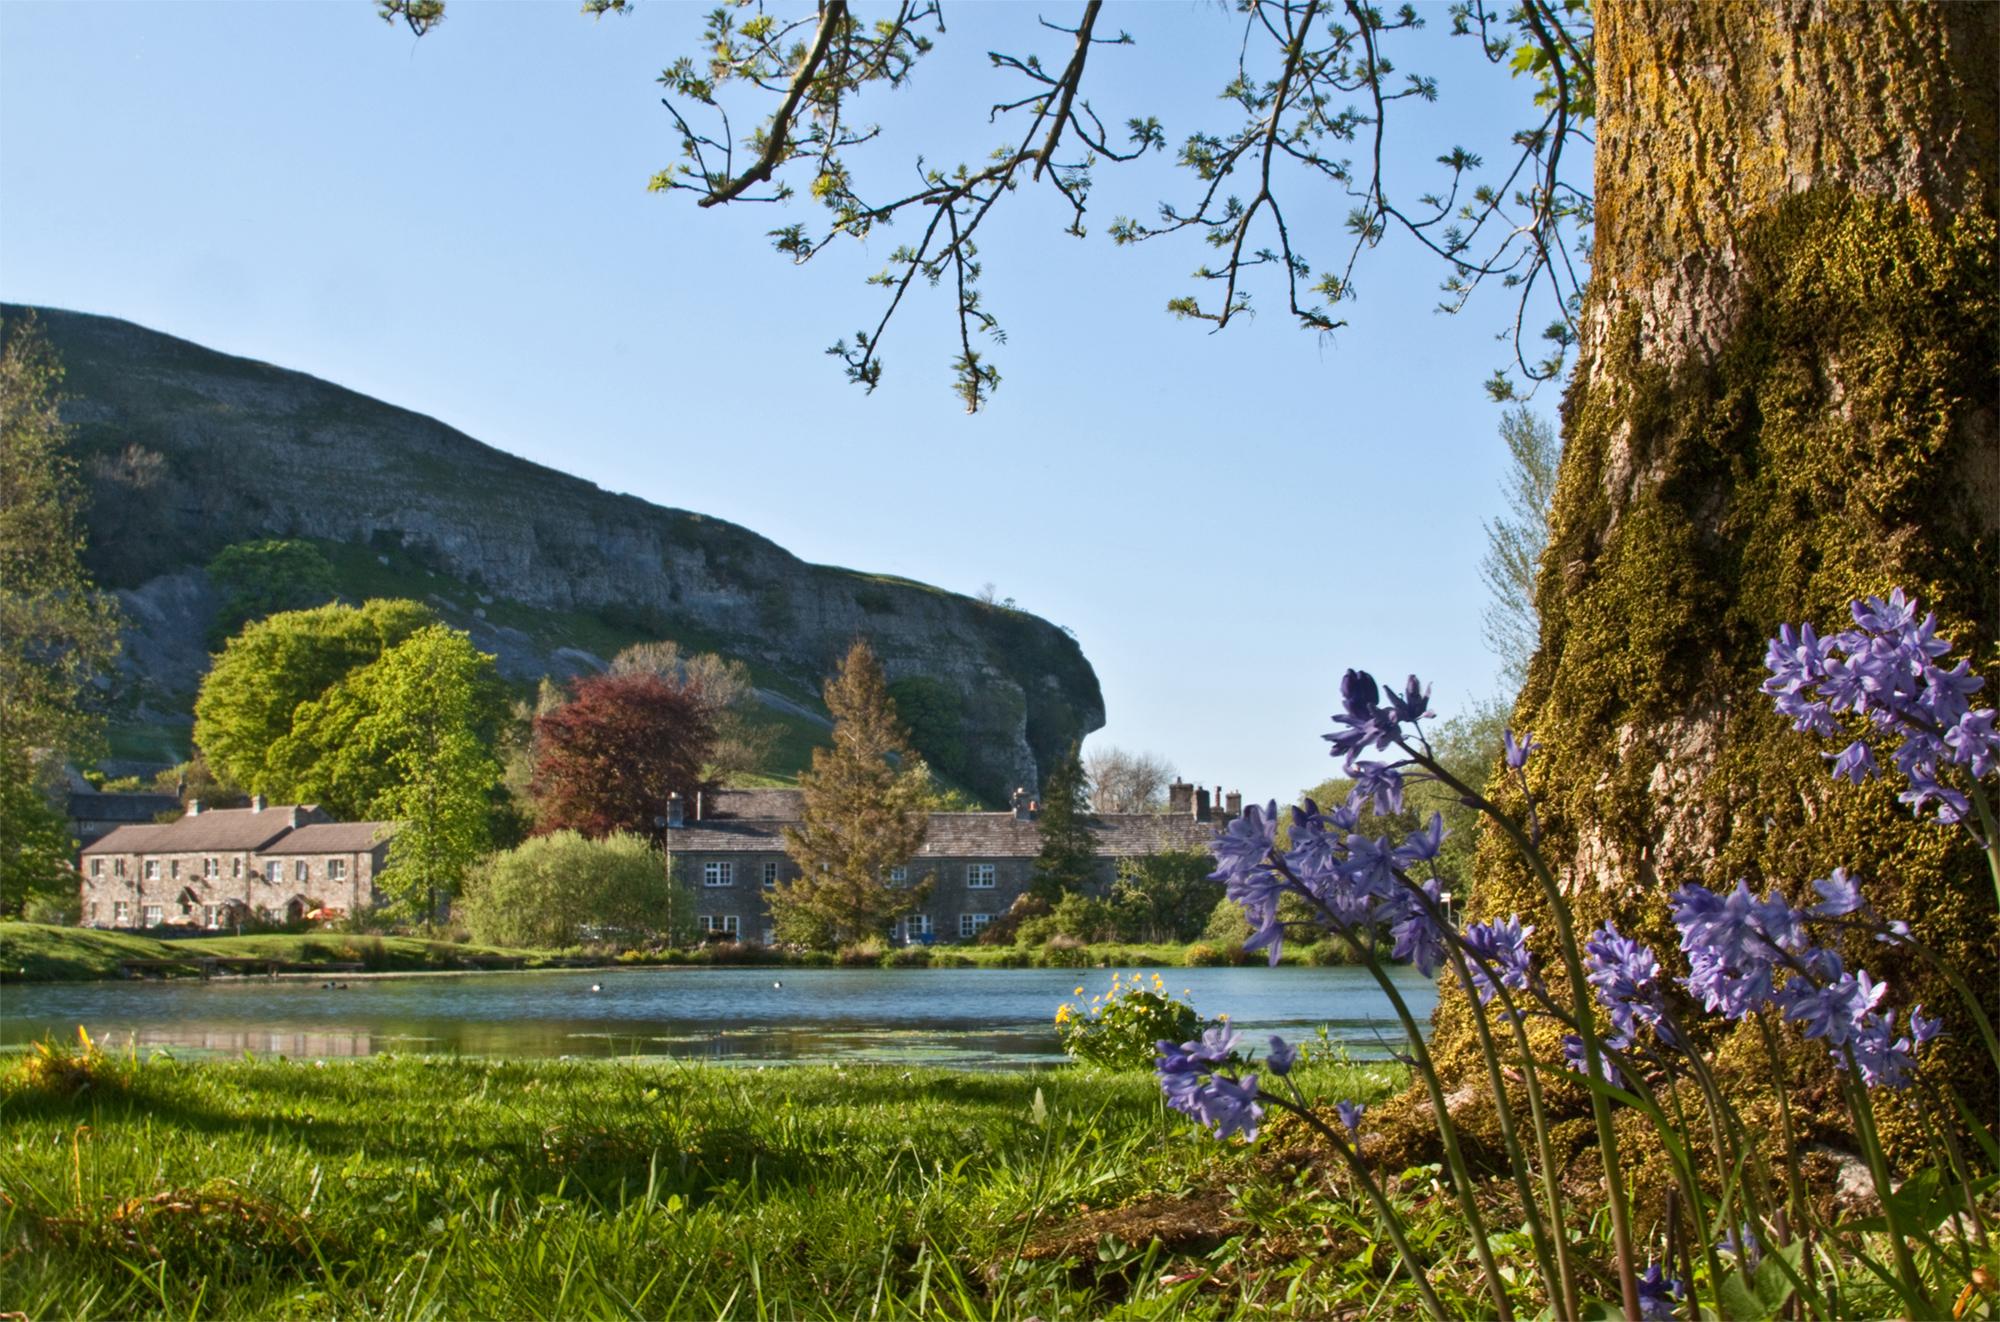 Kilnsey Farm in Spring